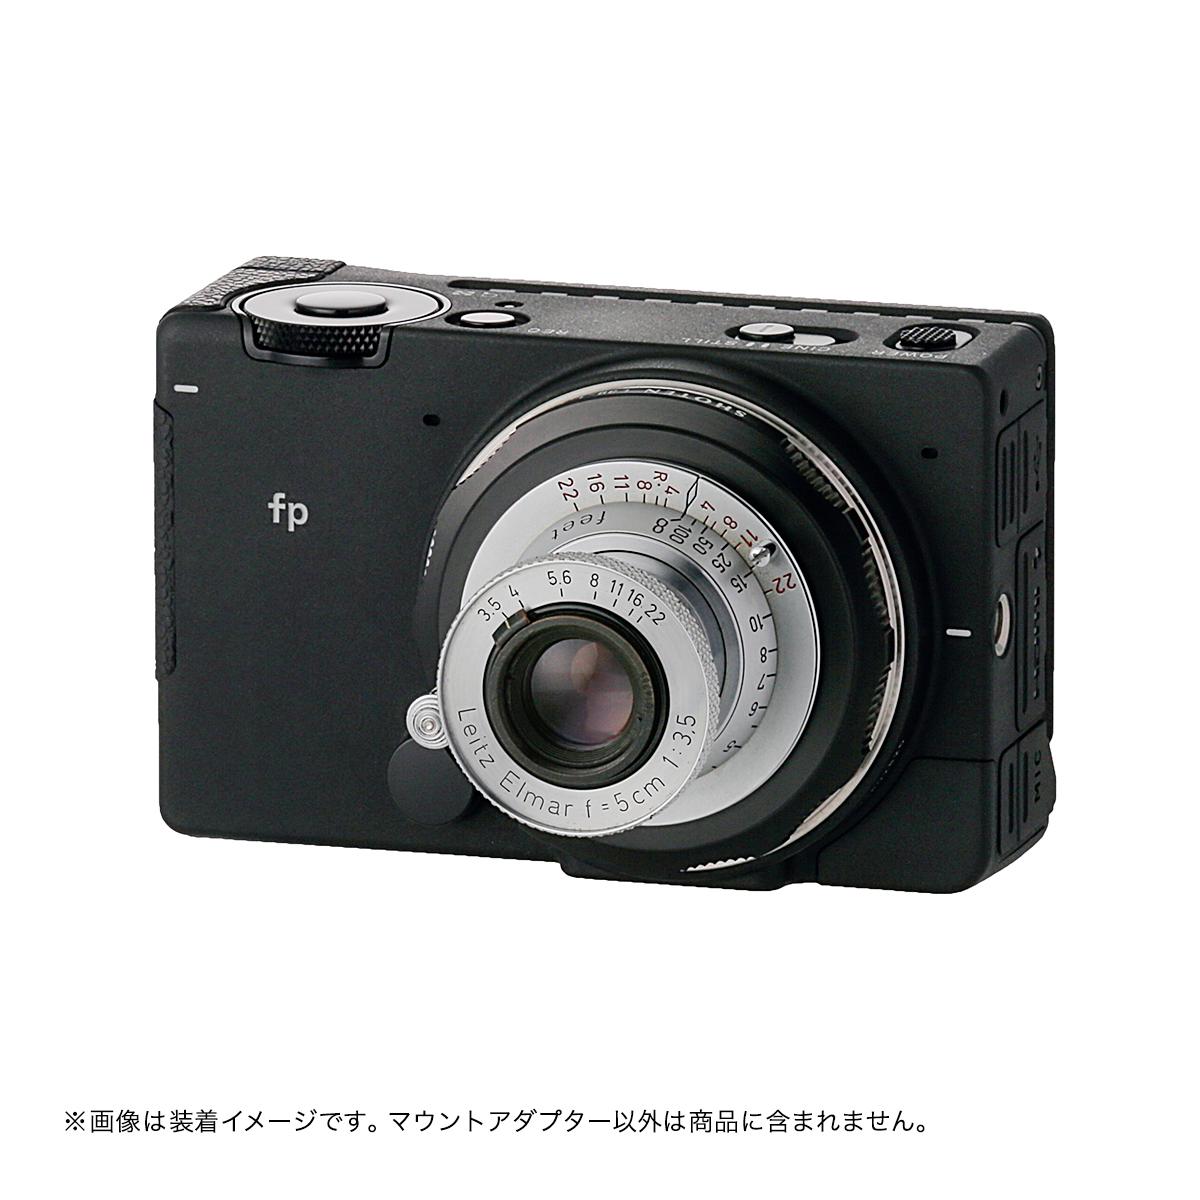 SHOTEN  L39-LSL(ライカL39マウントレンズ →  L(バヨネット)マウント変換)アジャスト機能付きマウントアダプター